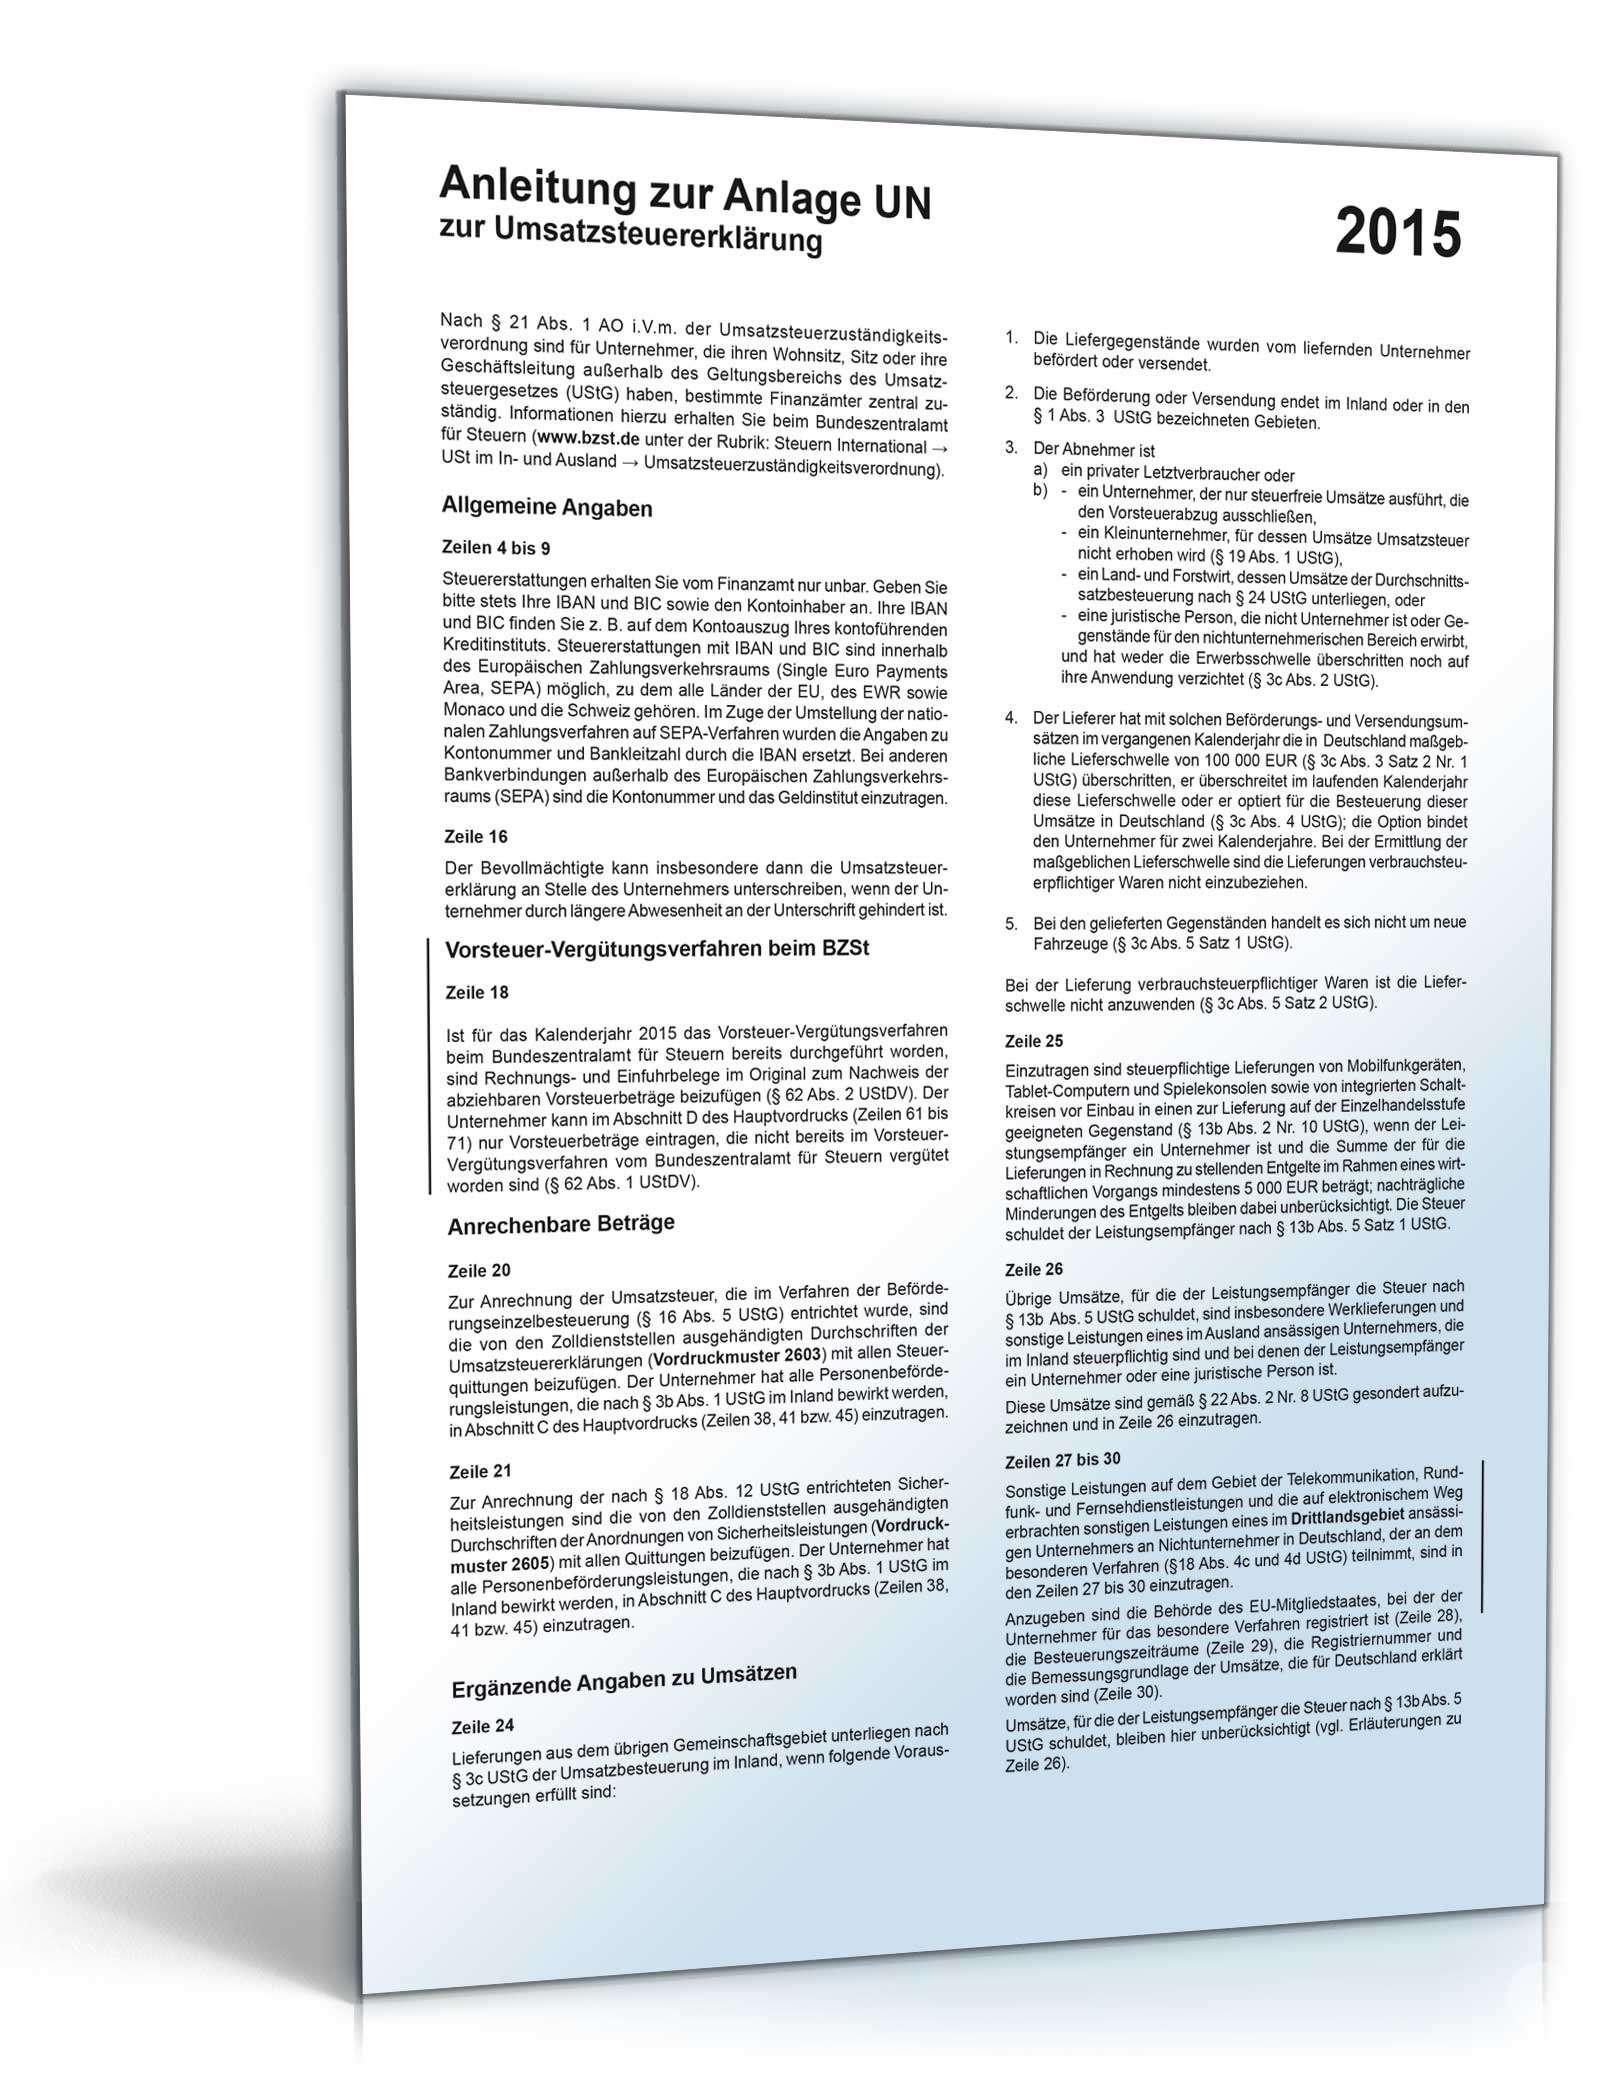 Ausgezeichnet Umsatzbericht Vorlage Zeitgenössisch - Entry Level ...